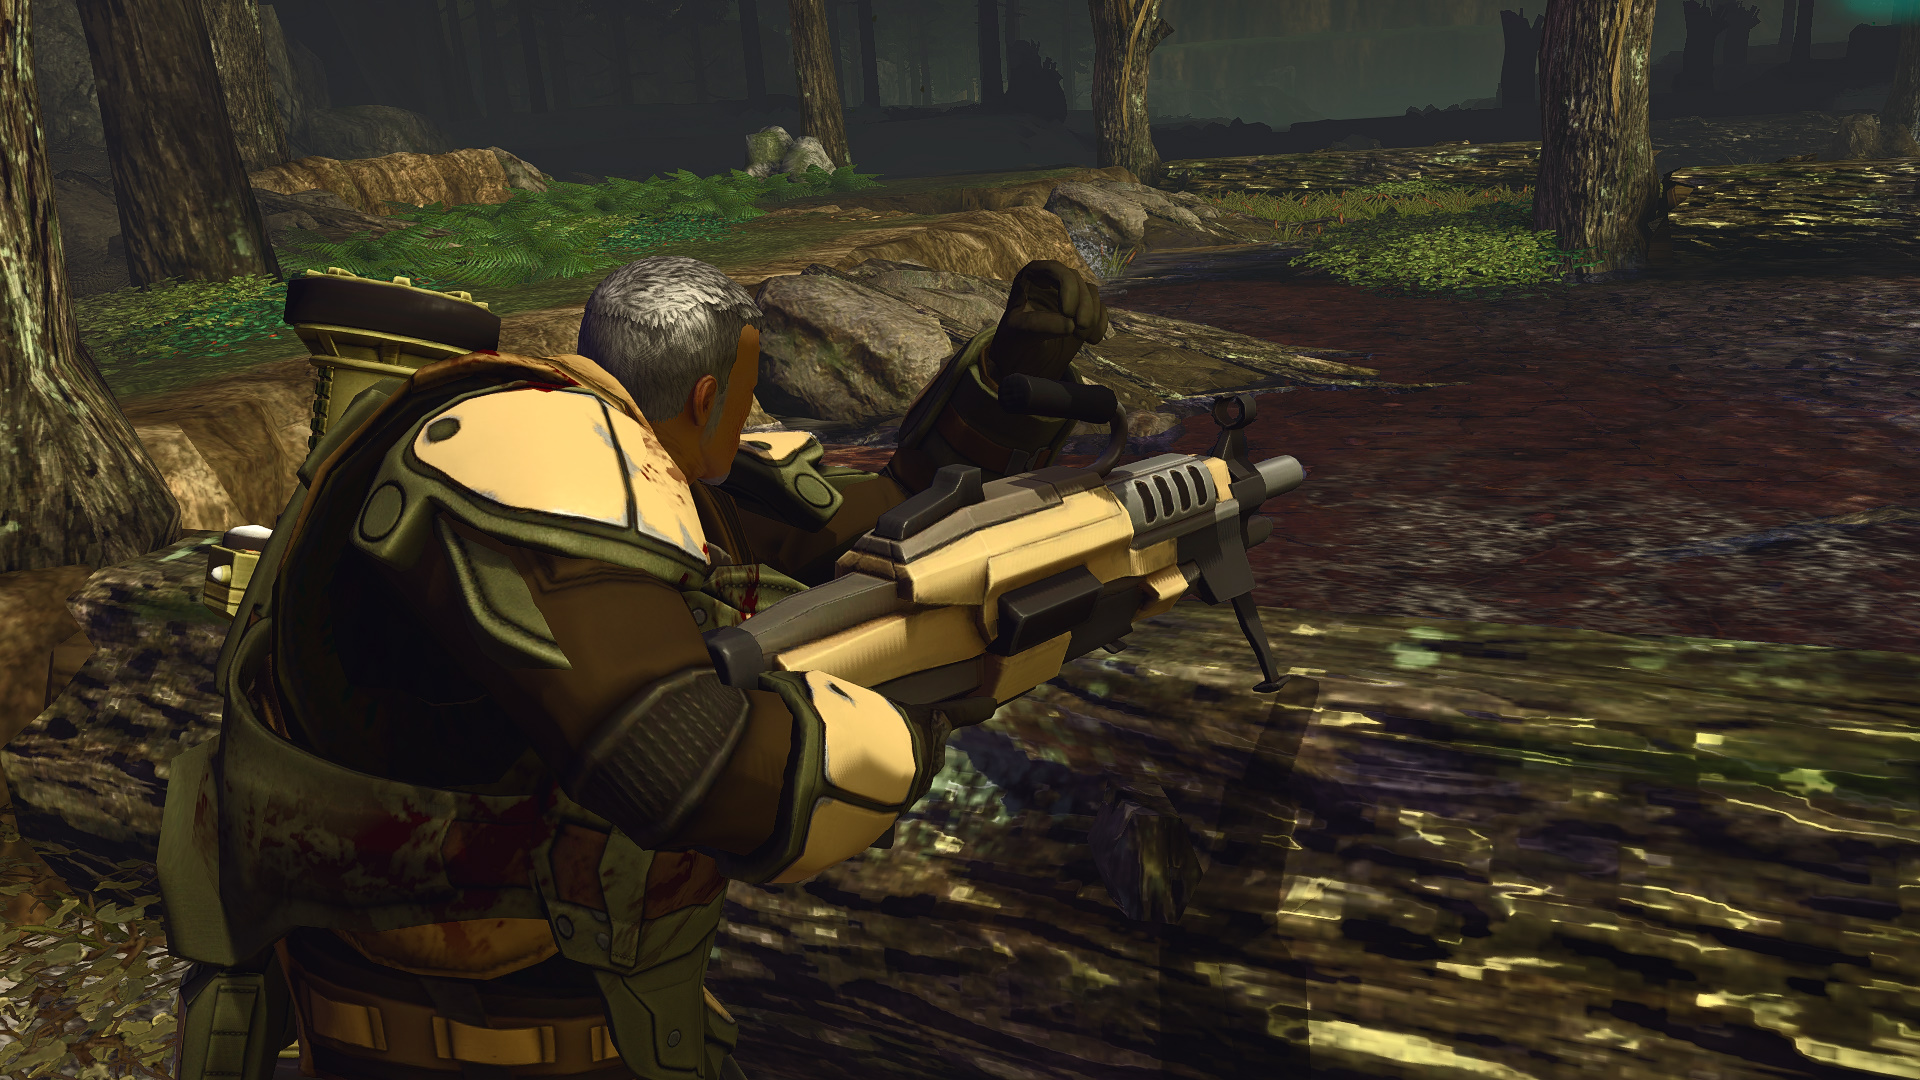 xcomgame 2017-09-04 23-45-21-851.jpg - XCOM: Enemy Unknown